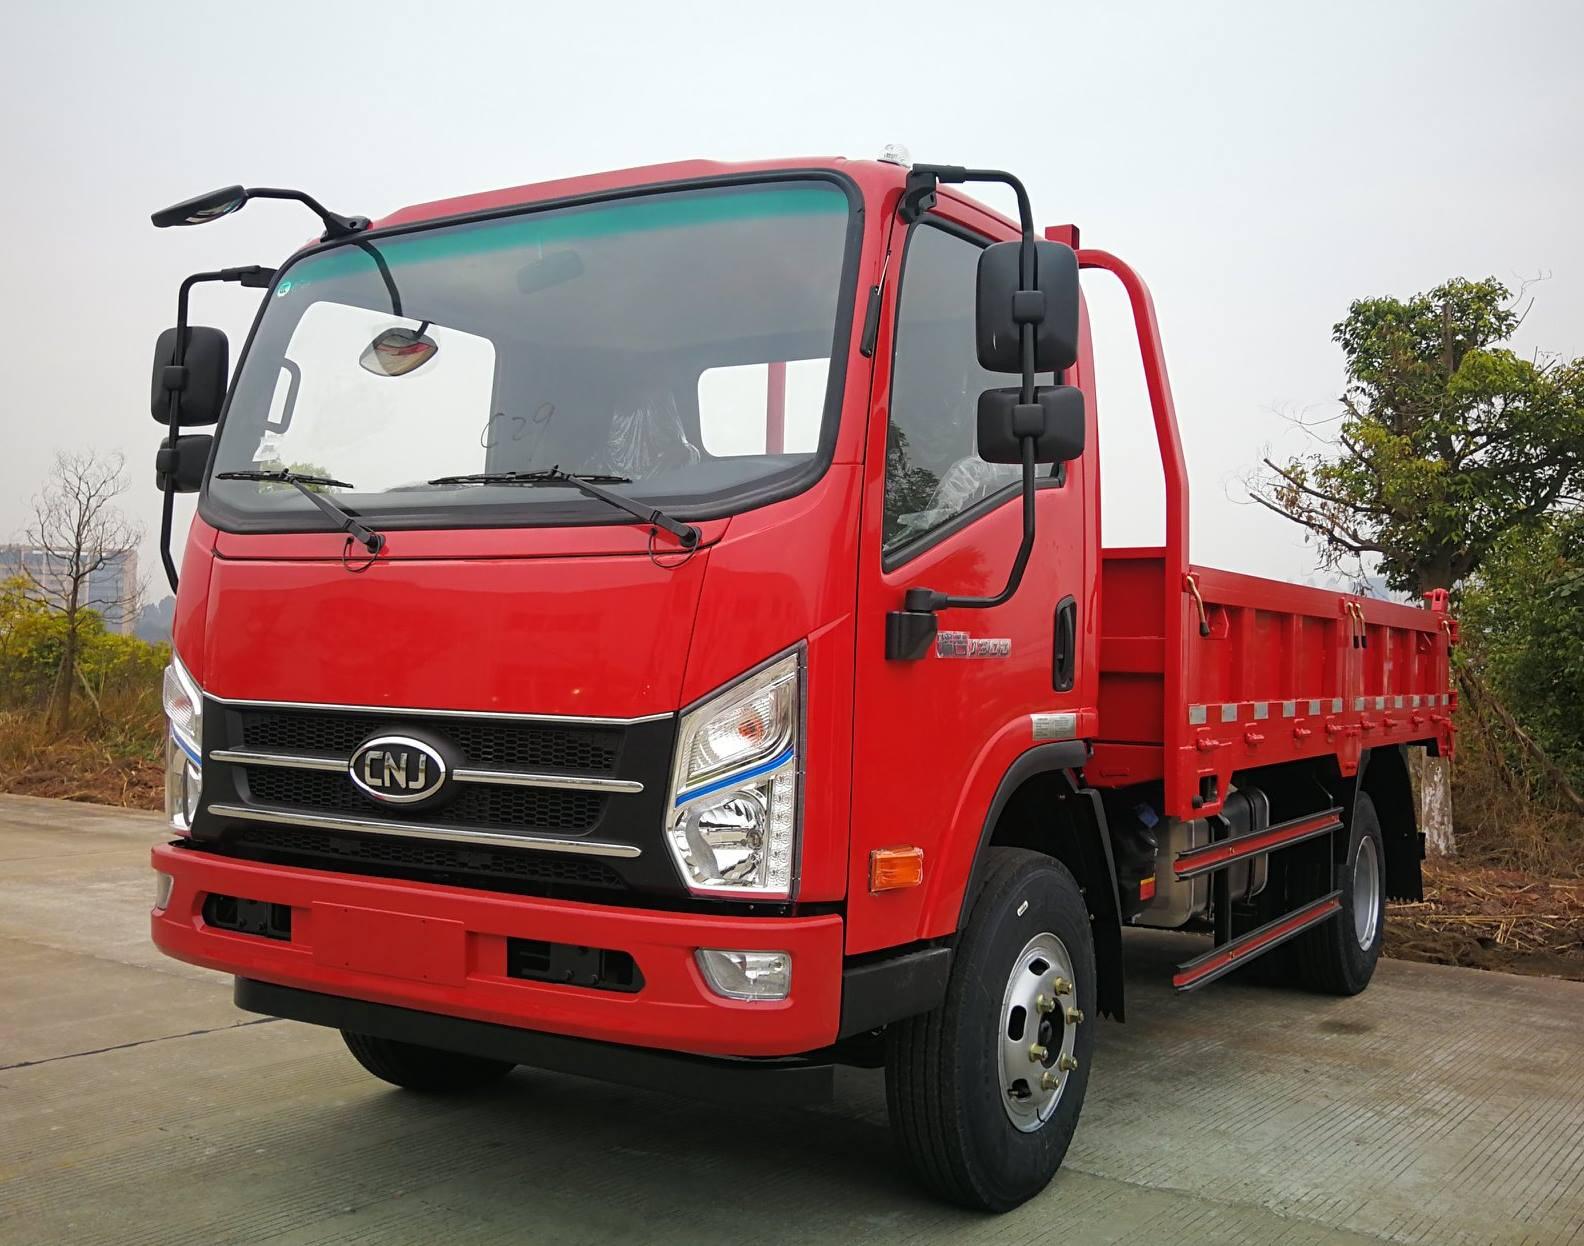 Lichte-trucks--alleenstaande-cabine--een-en-halve-cabine--dubbele-cabine-diesel-motoren-van-80-pk-tot-160-4-ton-tot-12-ton-pk22